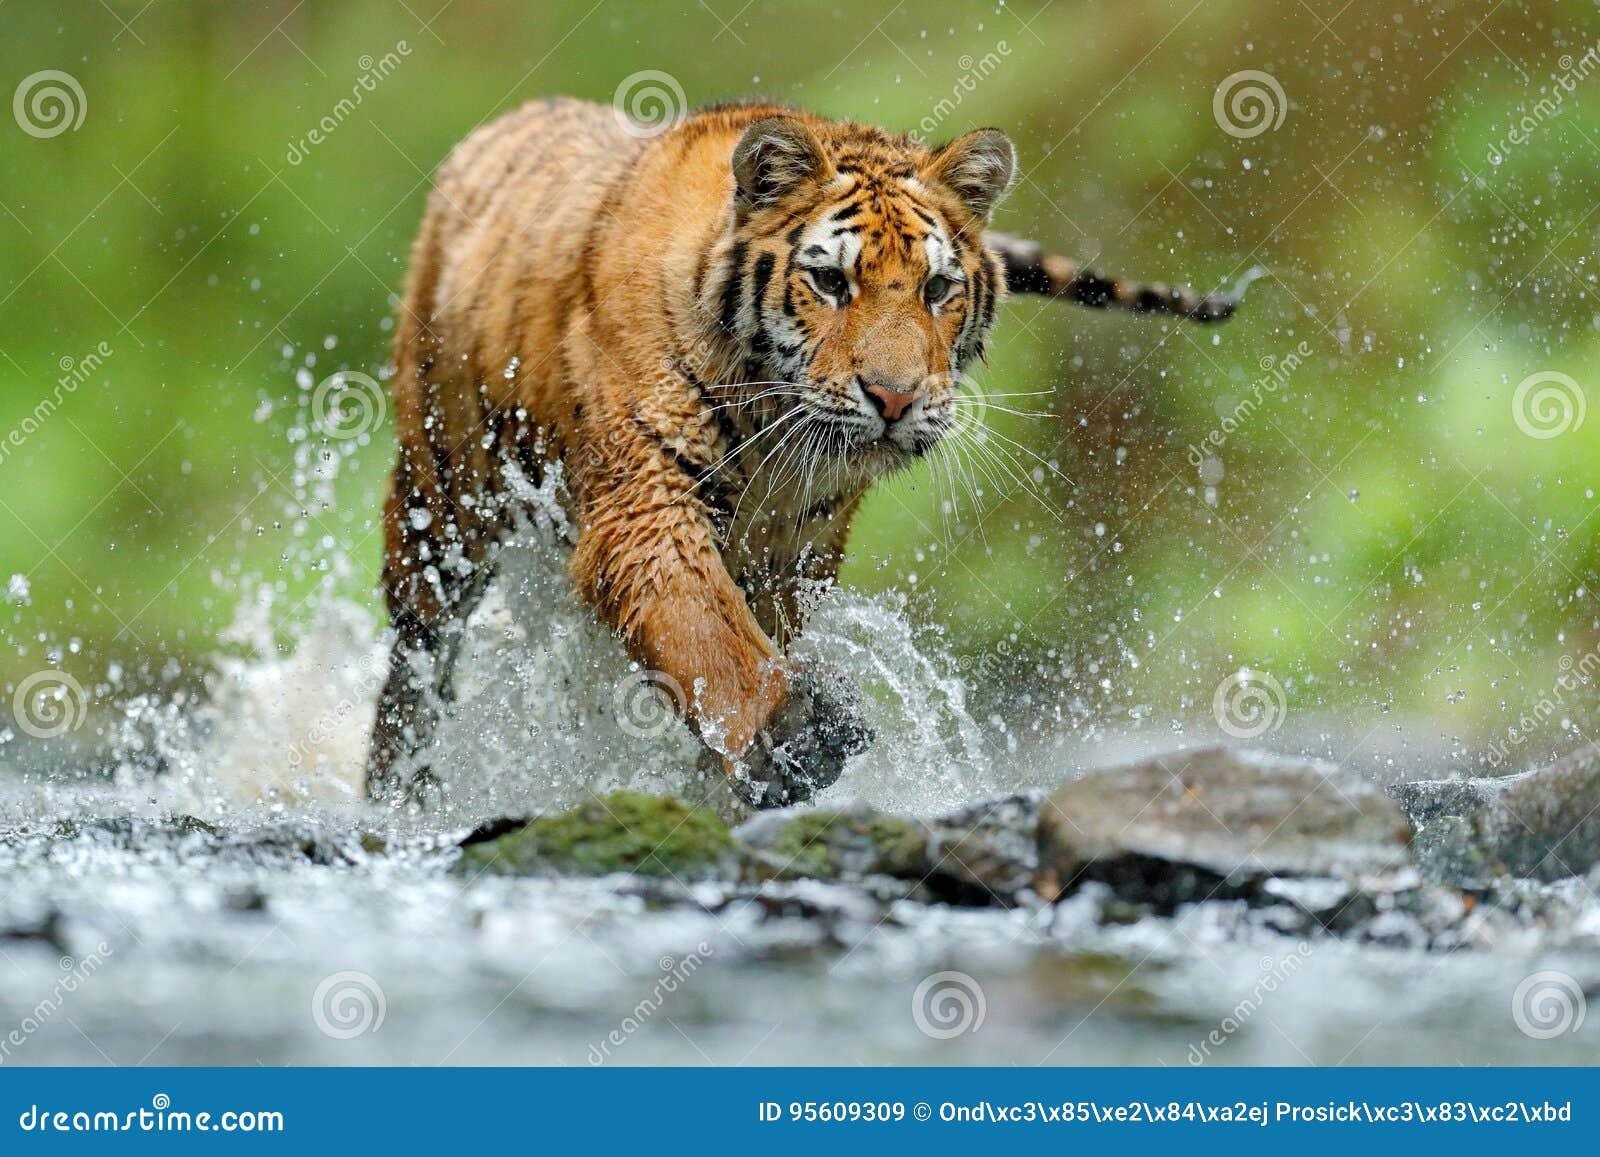 Tigre con agua de río del chapoteo Escena de la fauna de la acción del tigre, gato salvaje, hábitat de la naturaleza Tigre que se